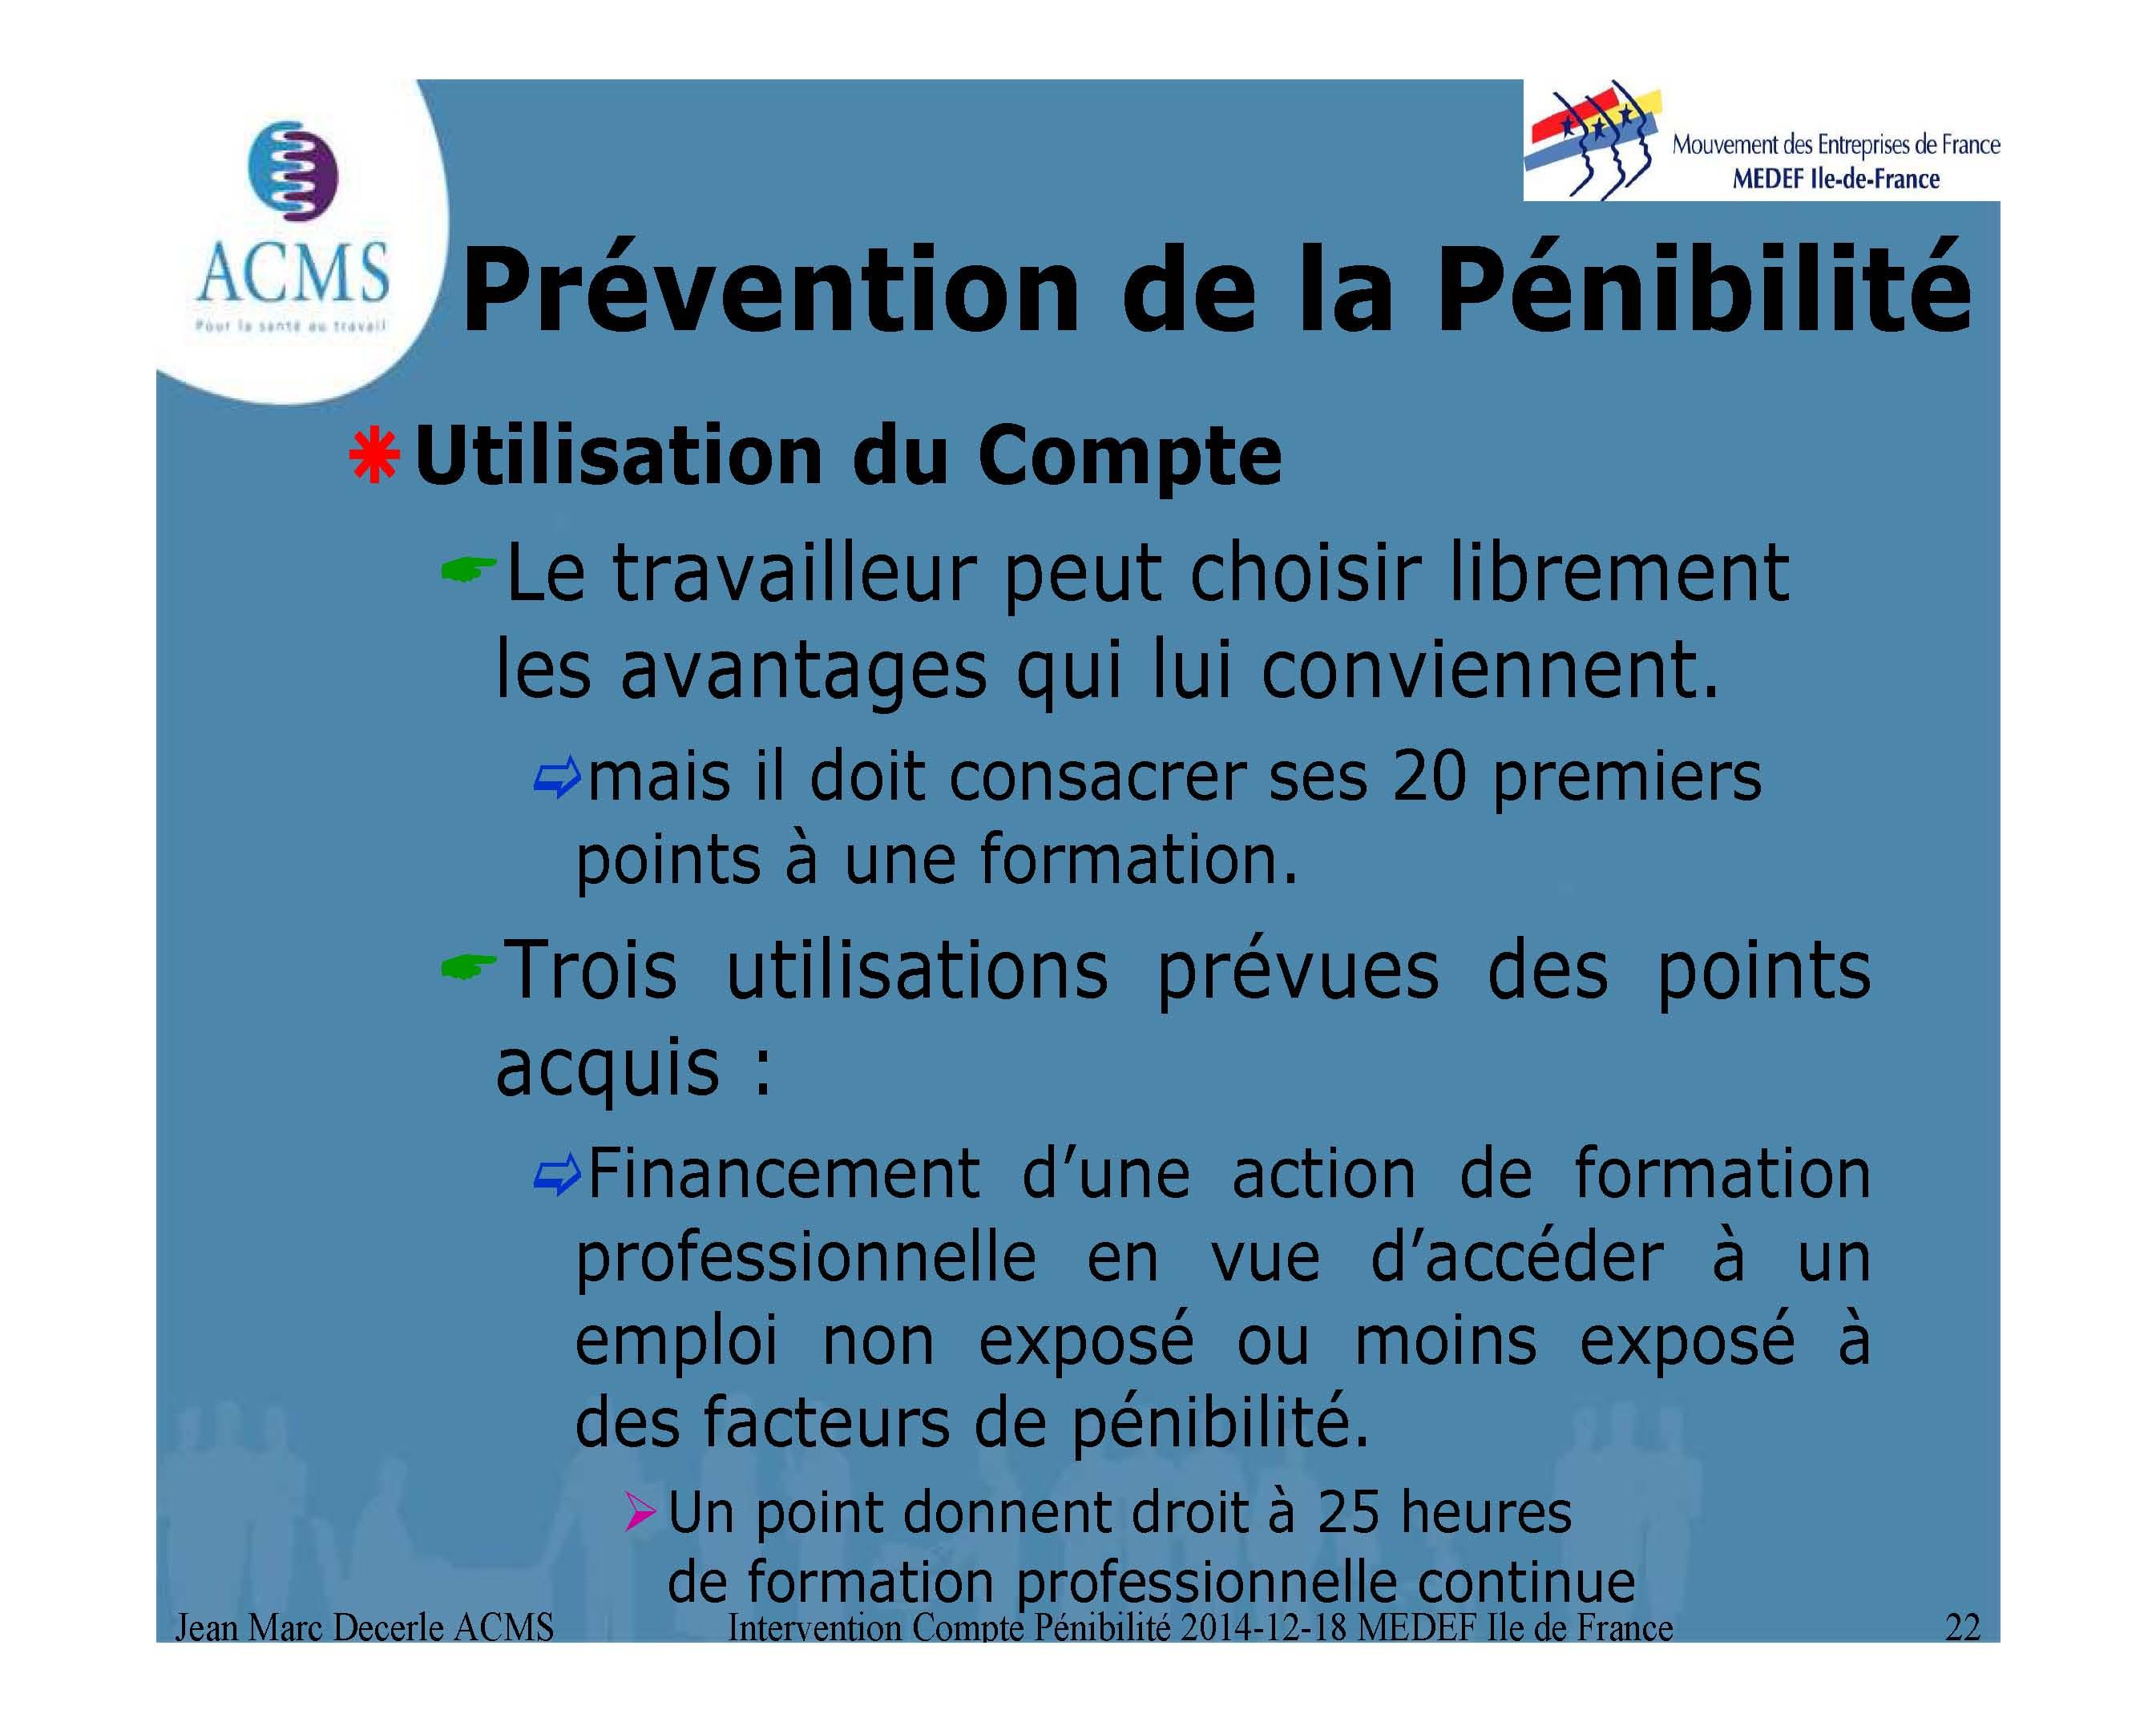 2014-12-18 Compte Pénibilite MEDEF Ile de France_Page_22